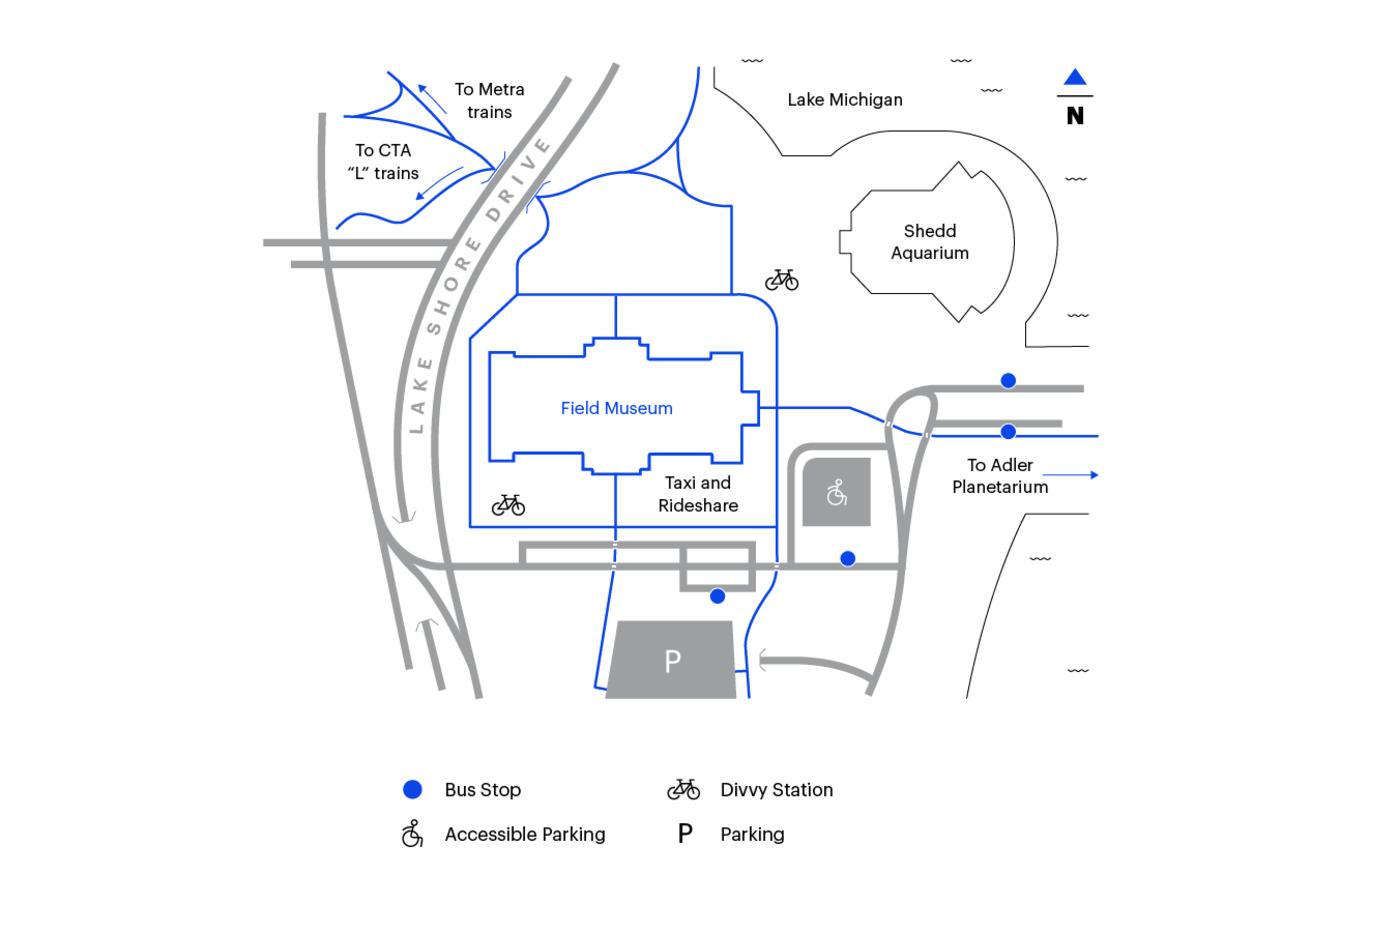 Mapa para llegar al Field Museum